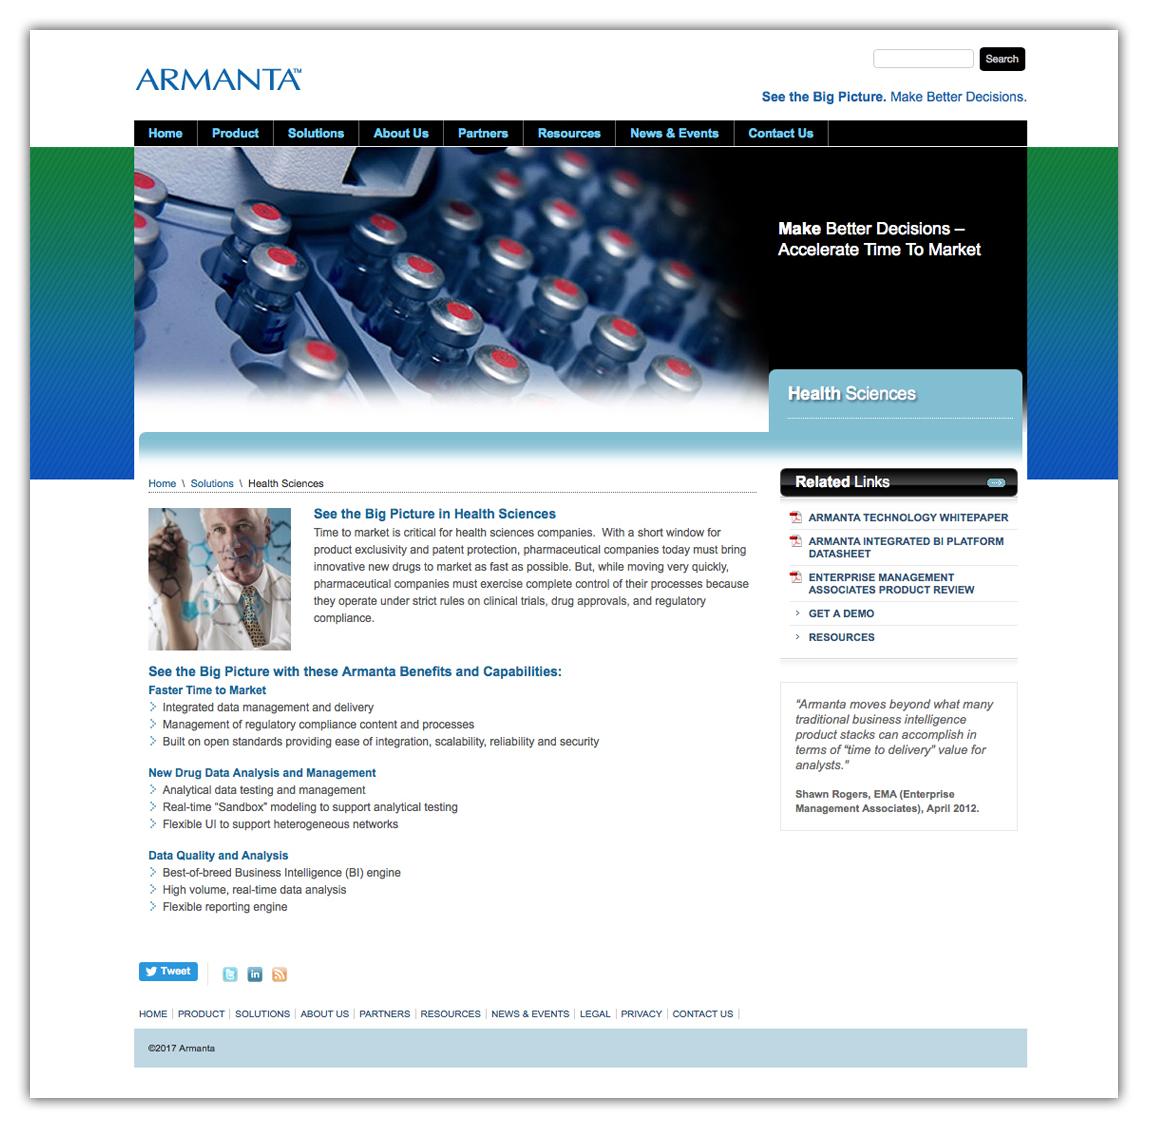 Armanta_Web_Page3